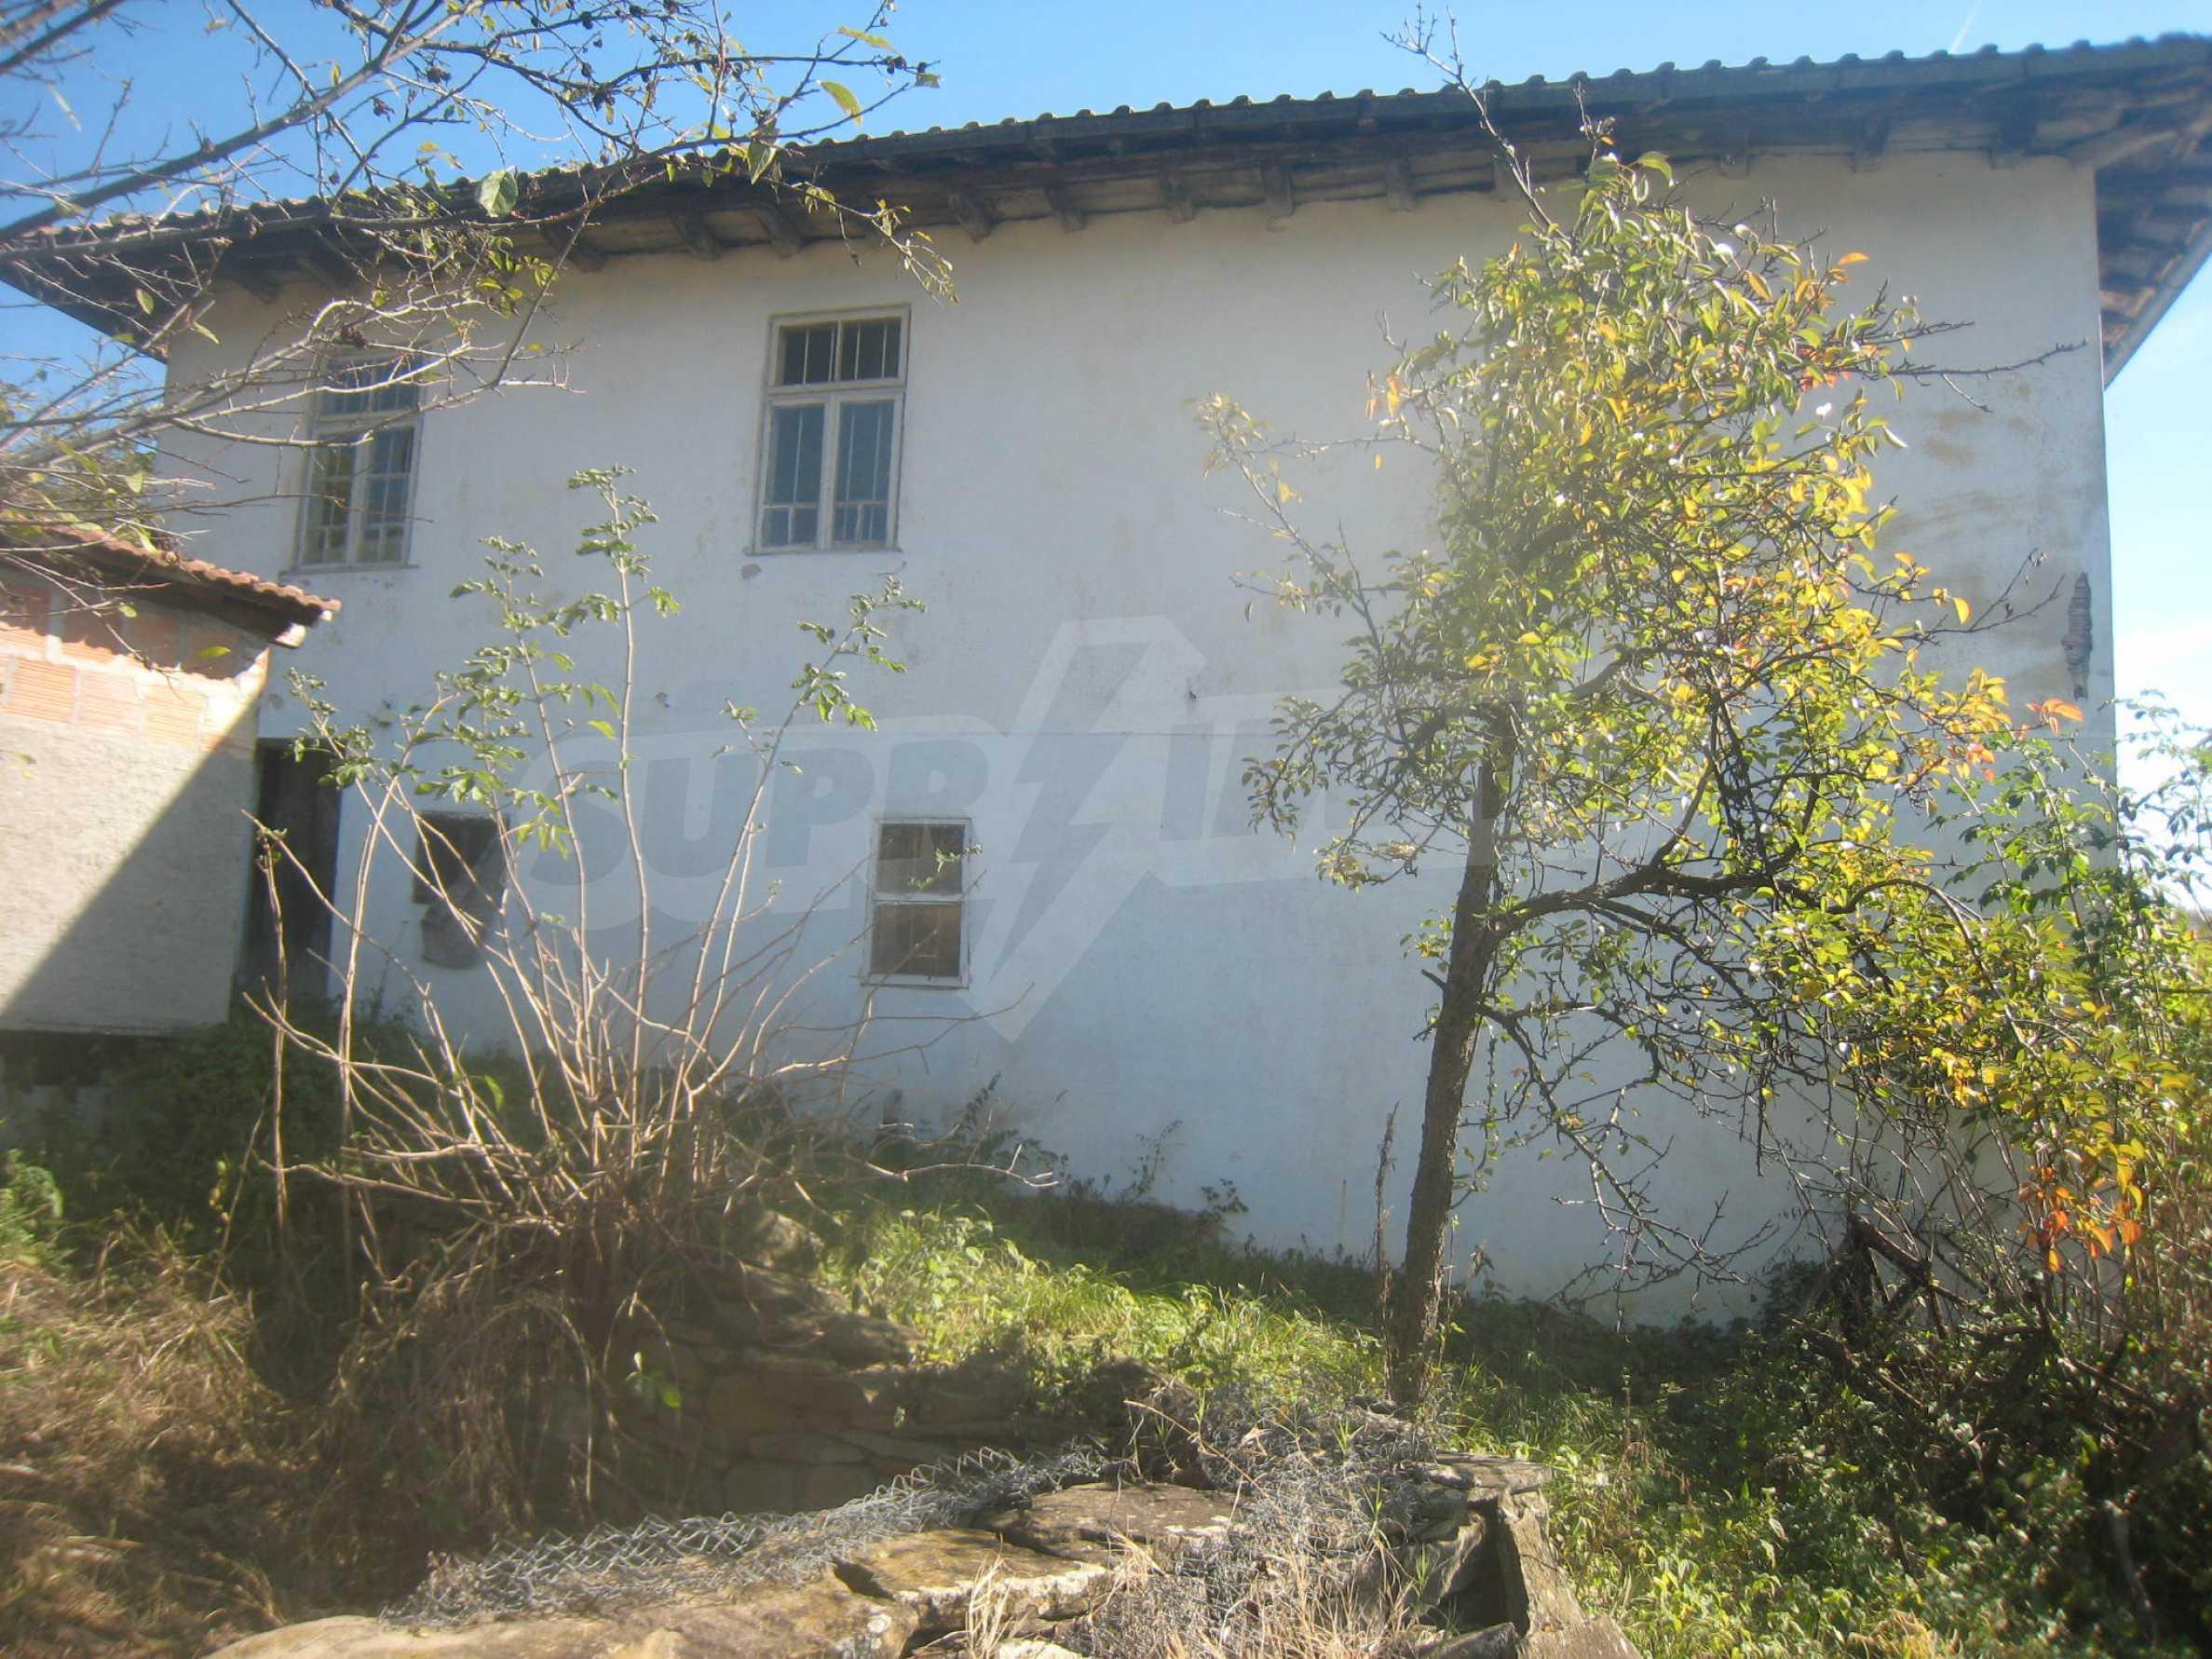 Traditionelles bulgarisches Haus in einem Dorf 9 km von Gabrovo entfernt 1